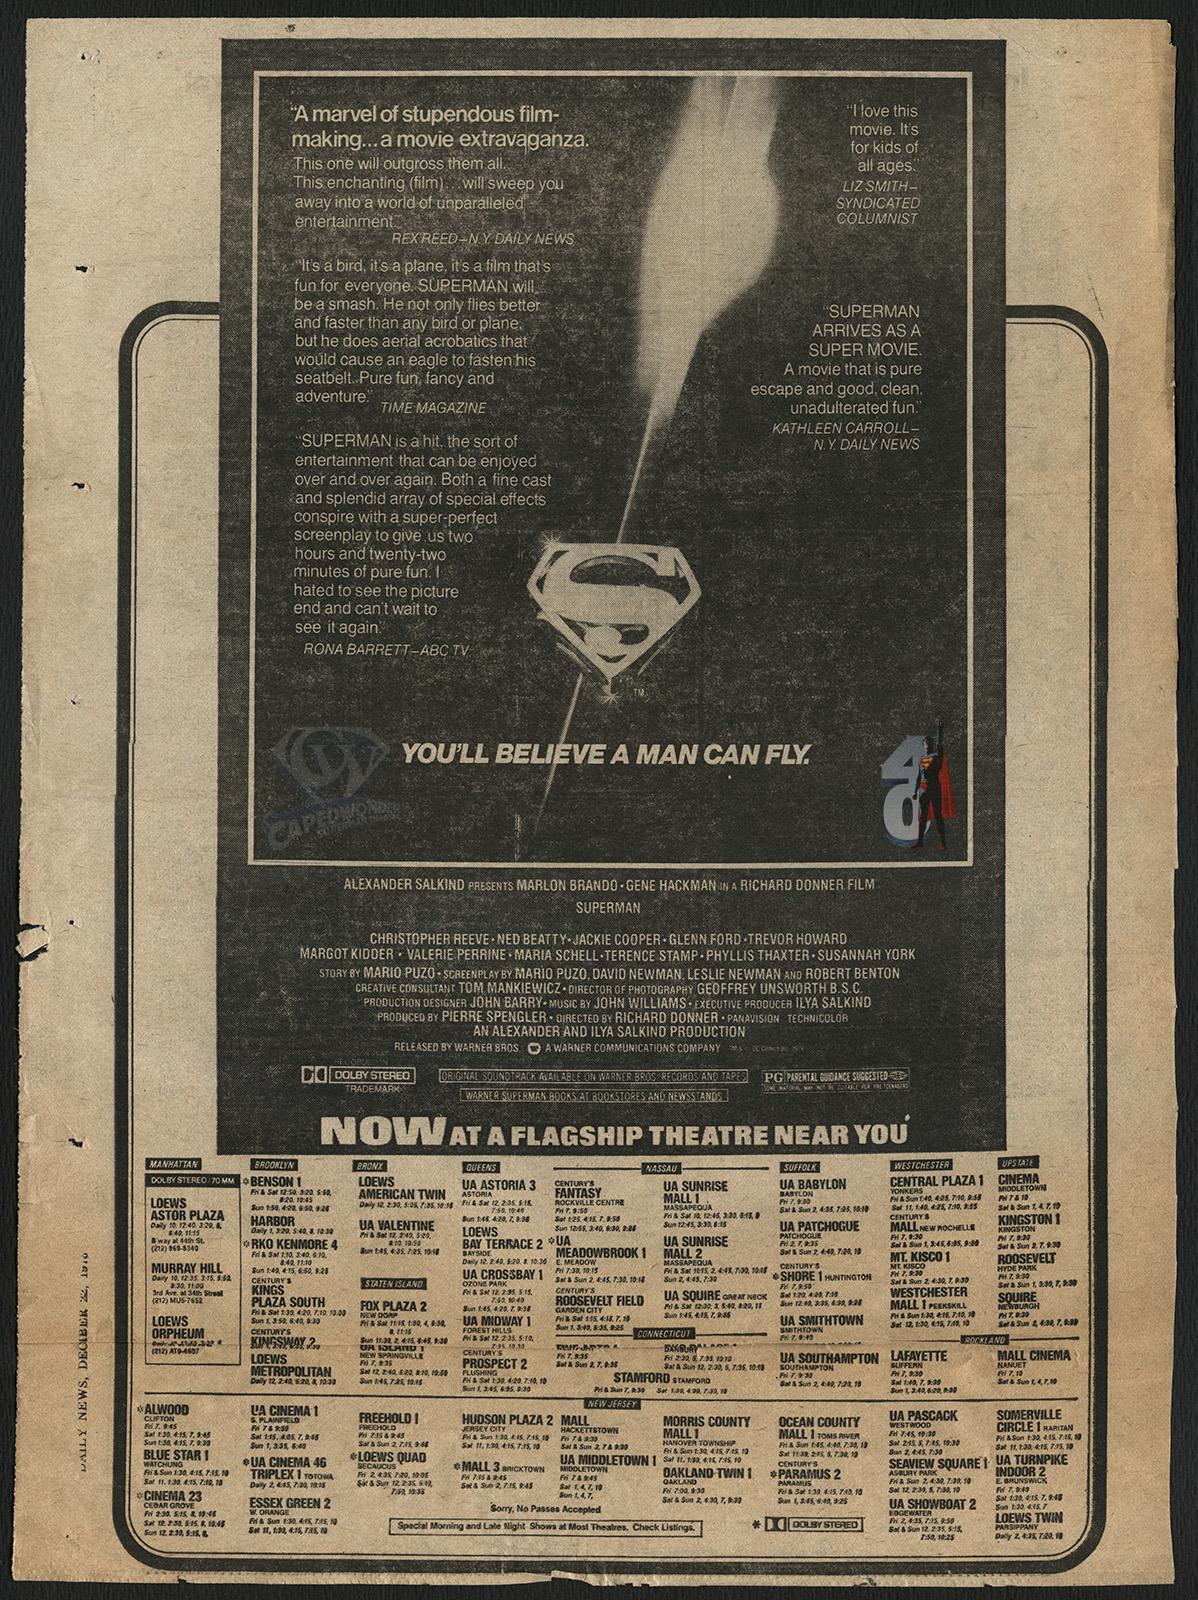 CW-STM-Daily-News-ad-Dec-22-78